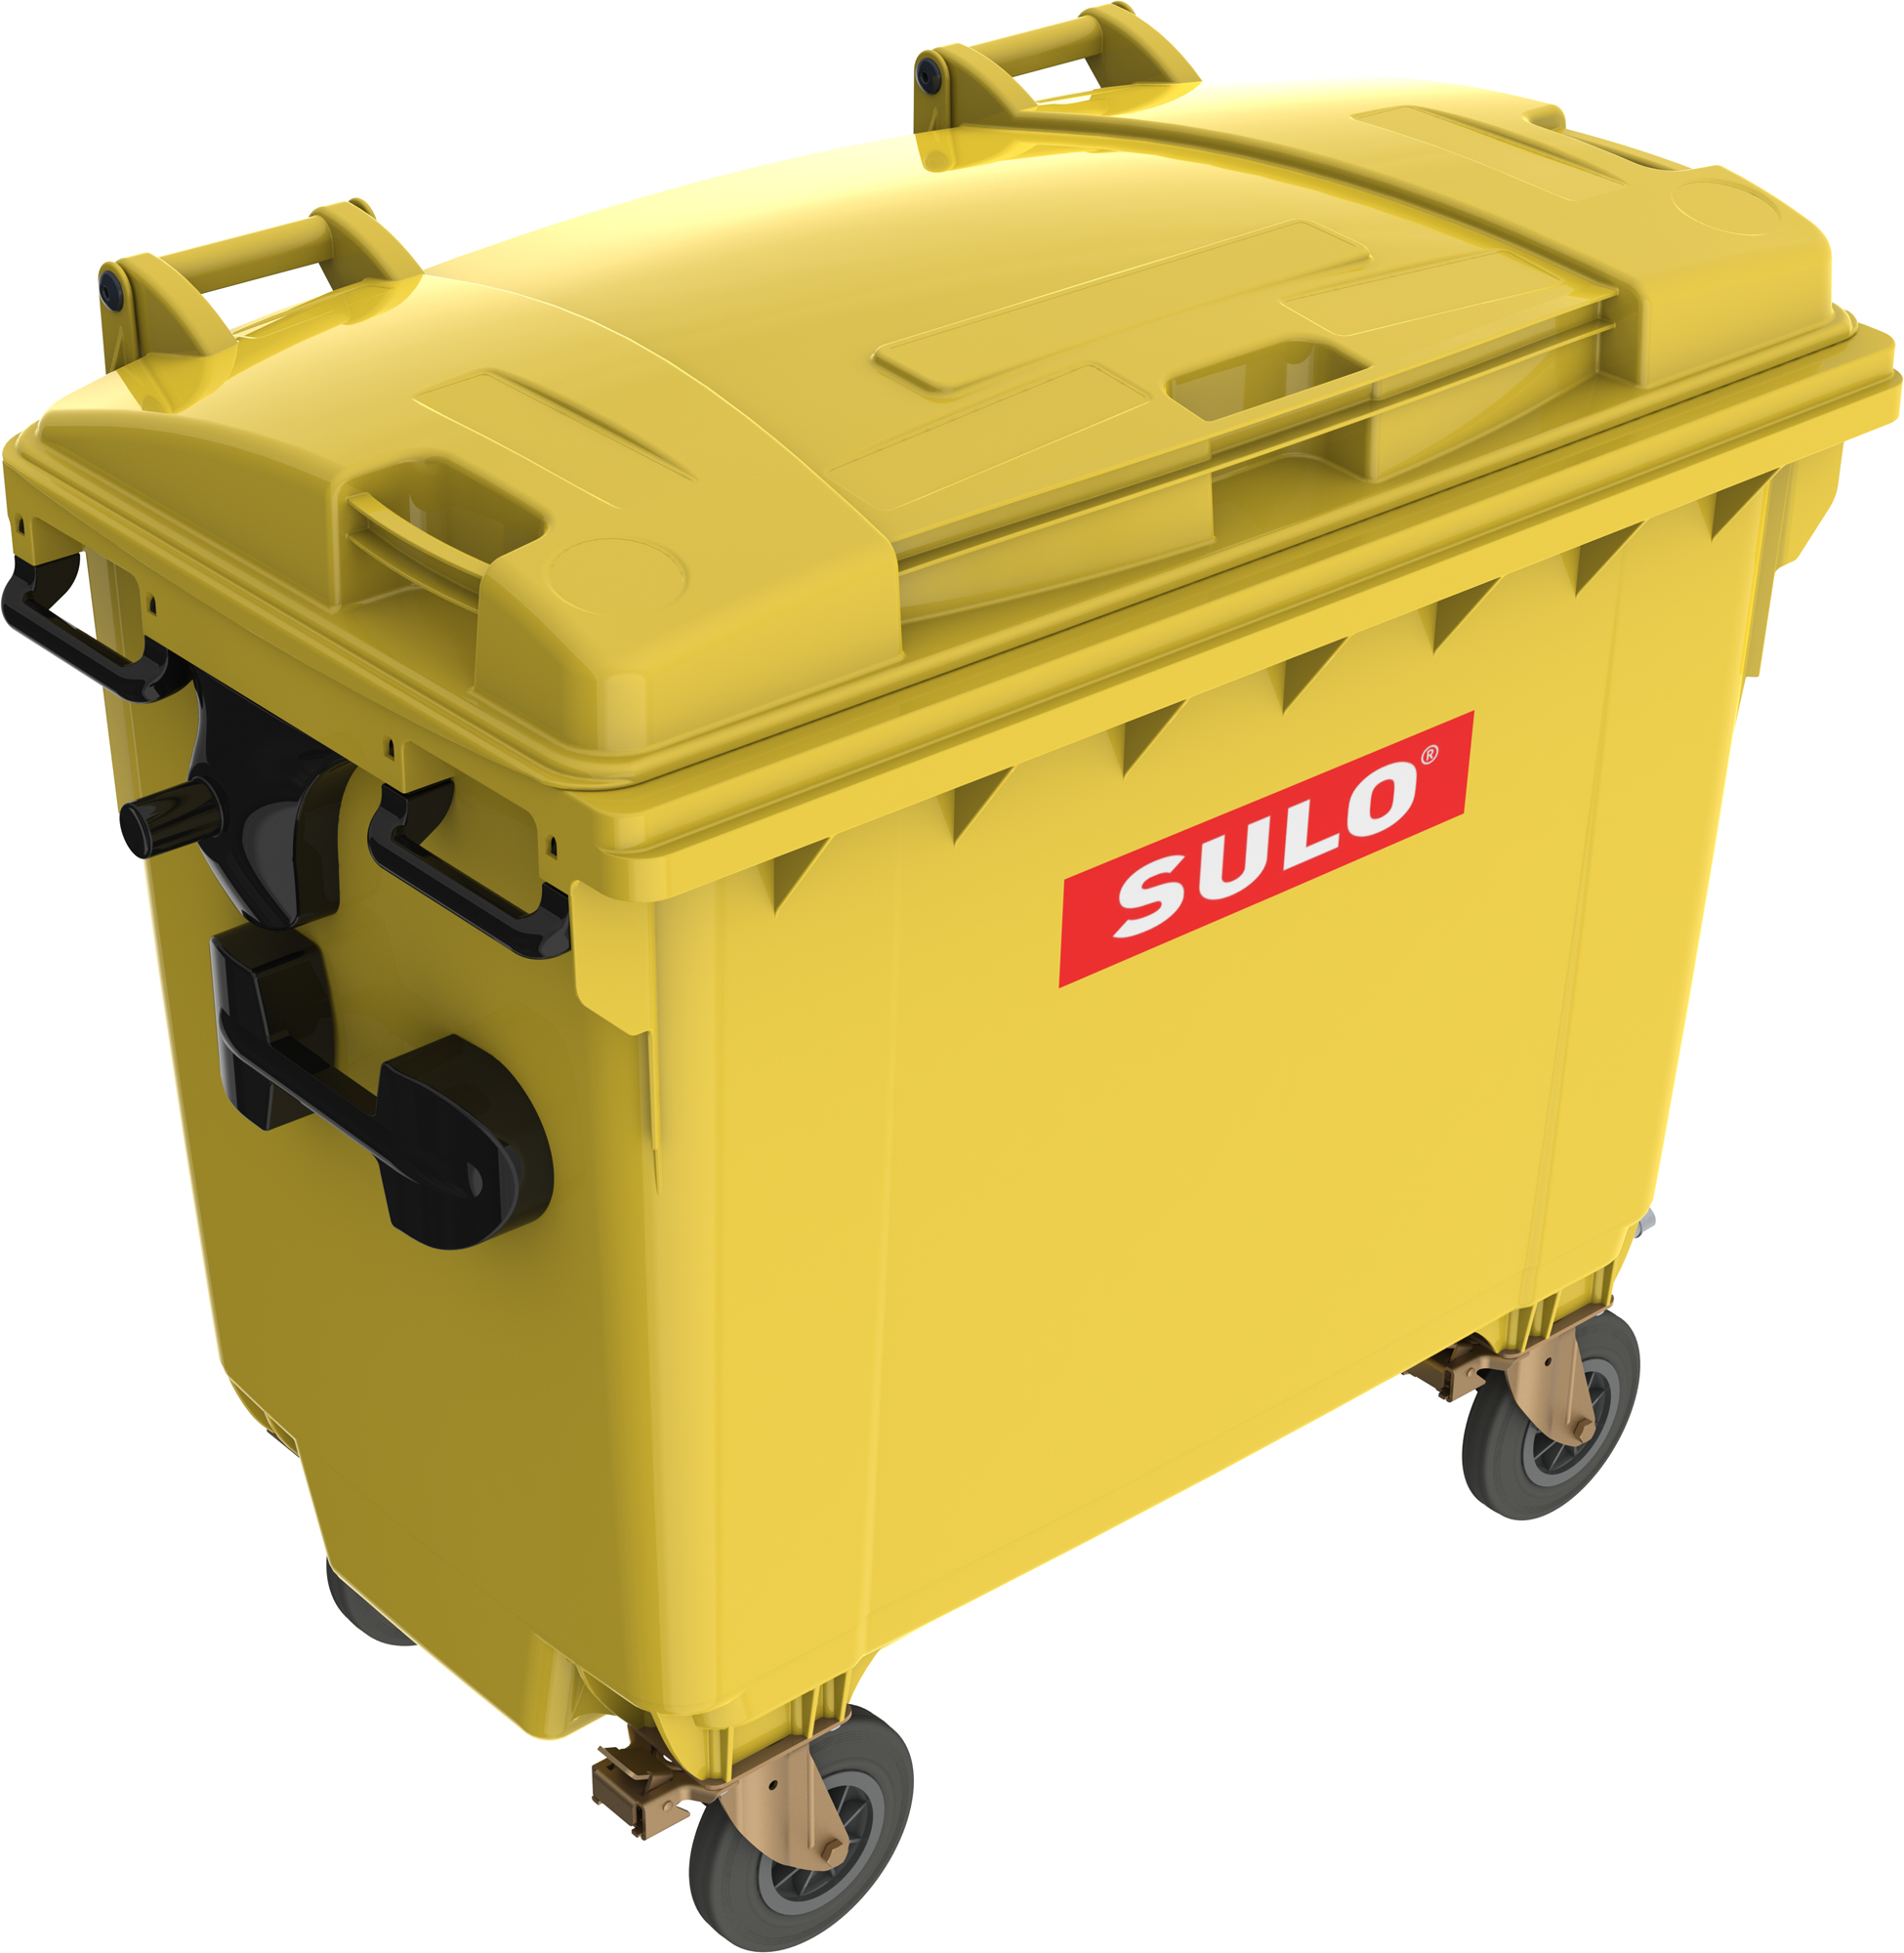 Eurocontainer Din Material Plastic 660 L Galben Cu Capac Plat Mevatec - Transport Inclus sanito.ro